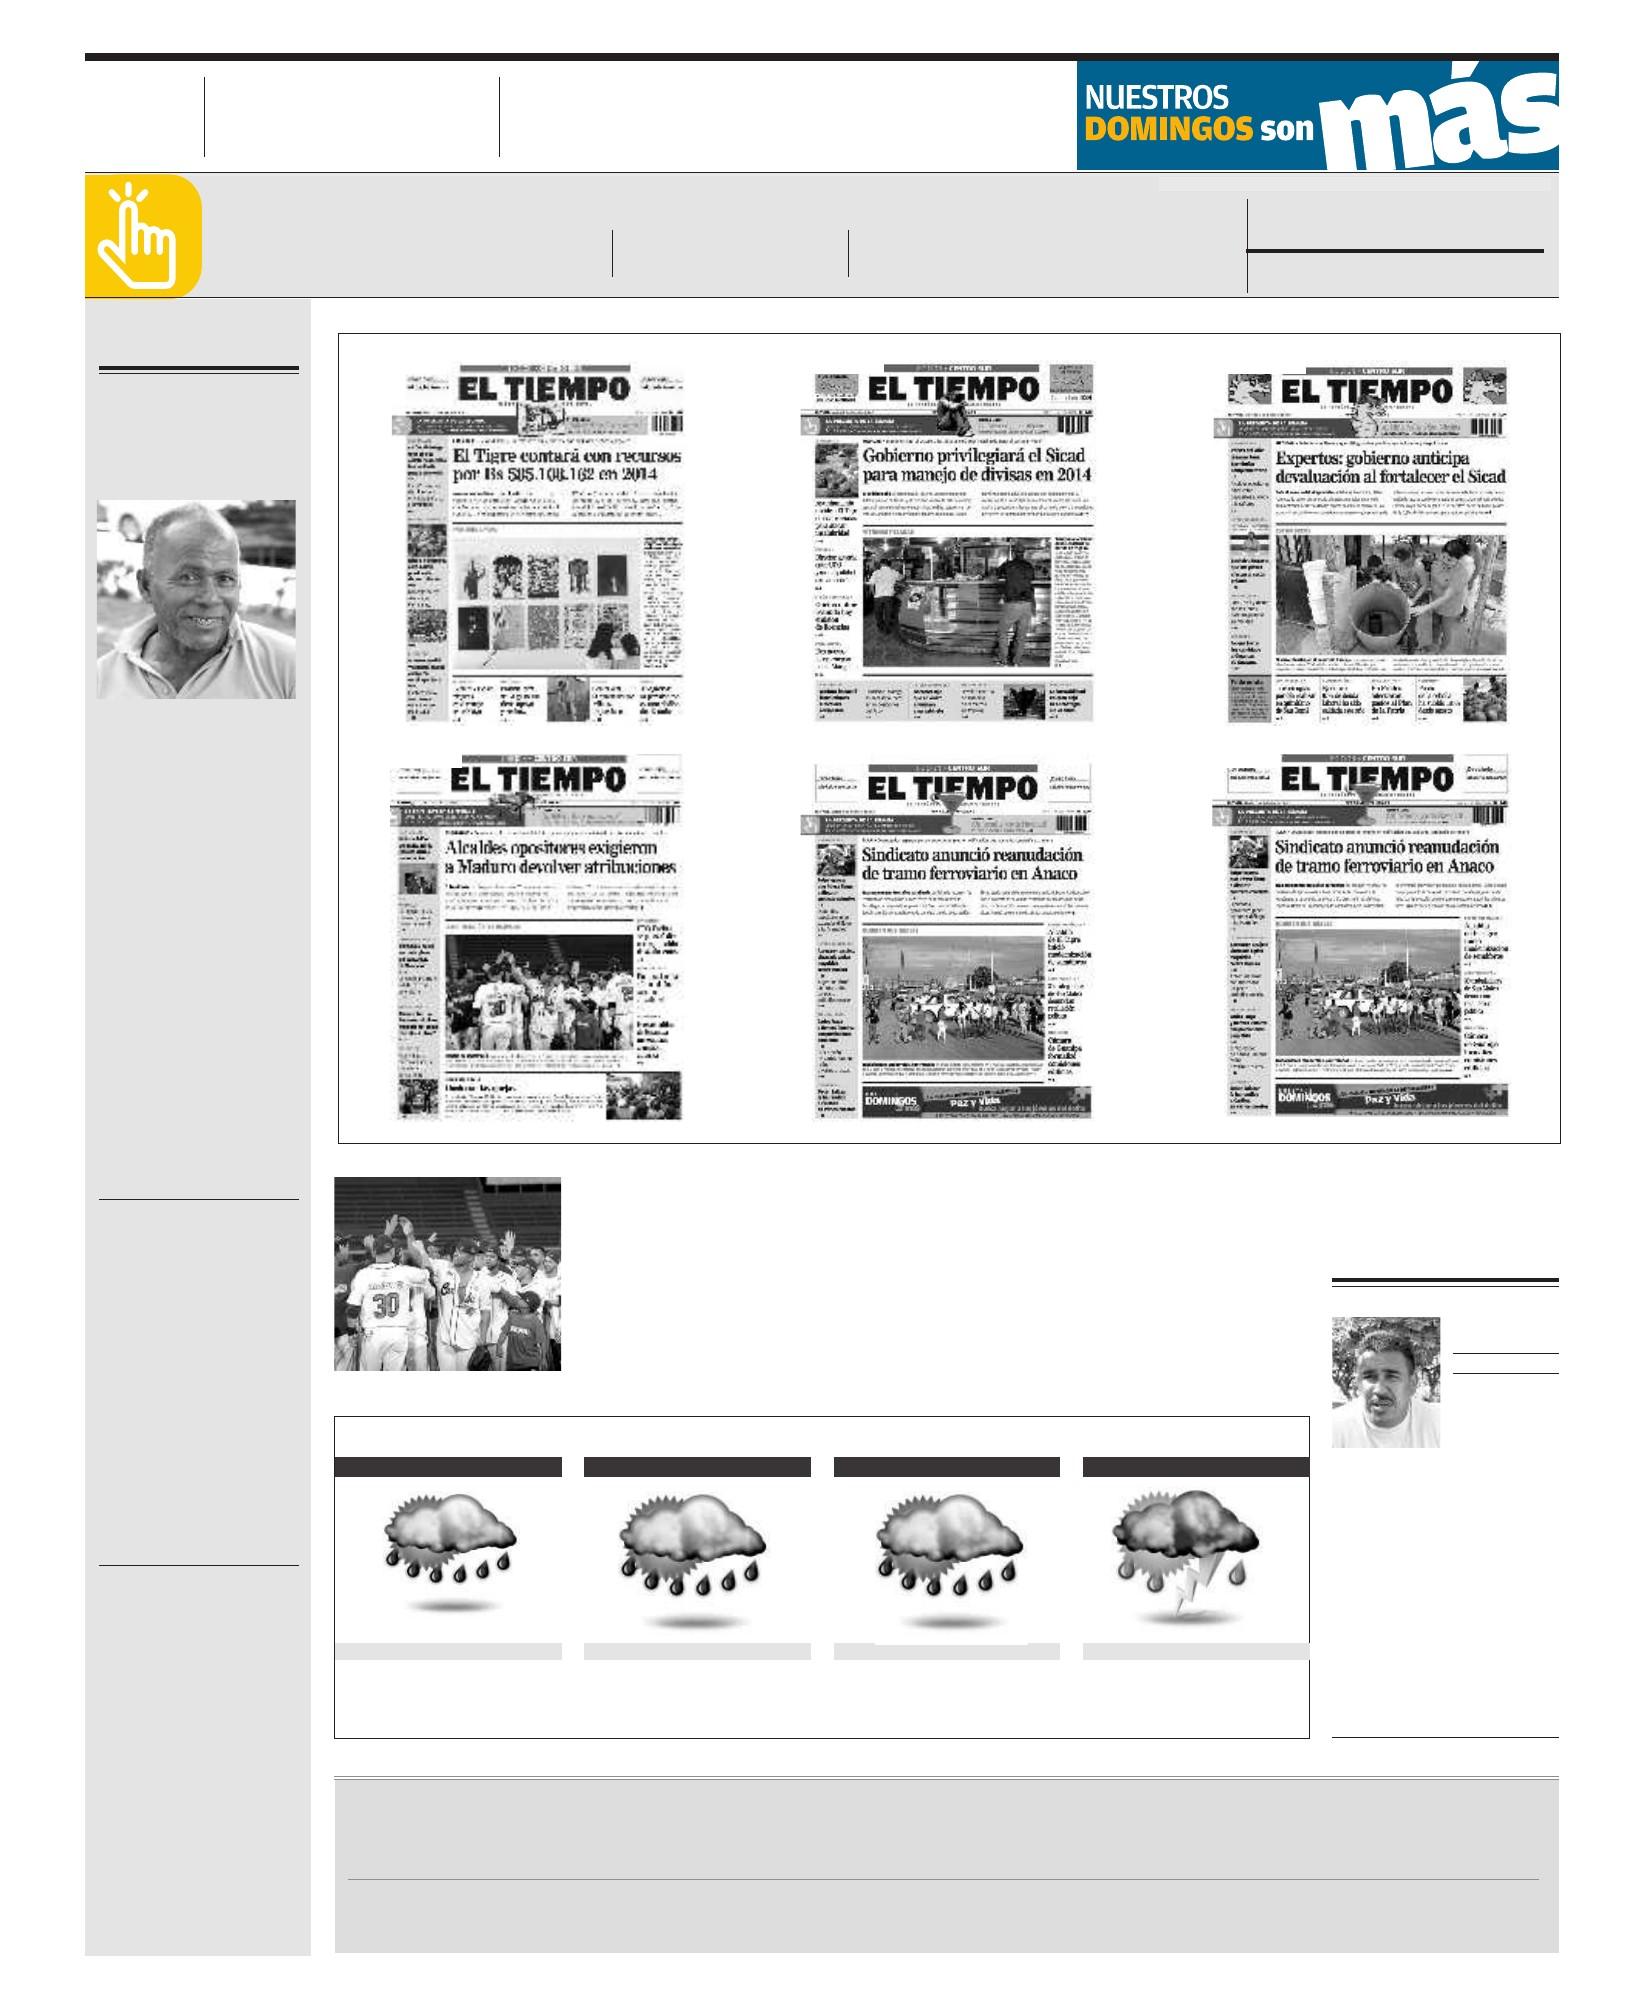 Calendario 2019 Con Feriados Uruguay Más Caliente [pdf Document] Of Calendario 2019 Con Feriados Uruguay Más Recientes Espacio Go